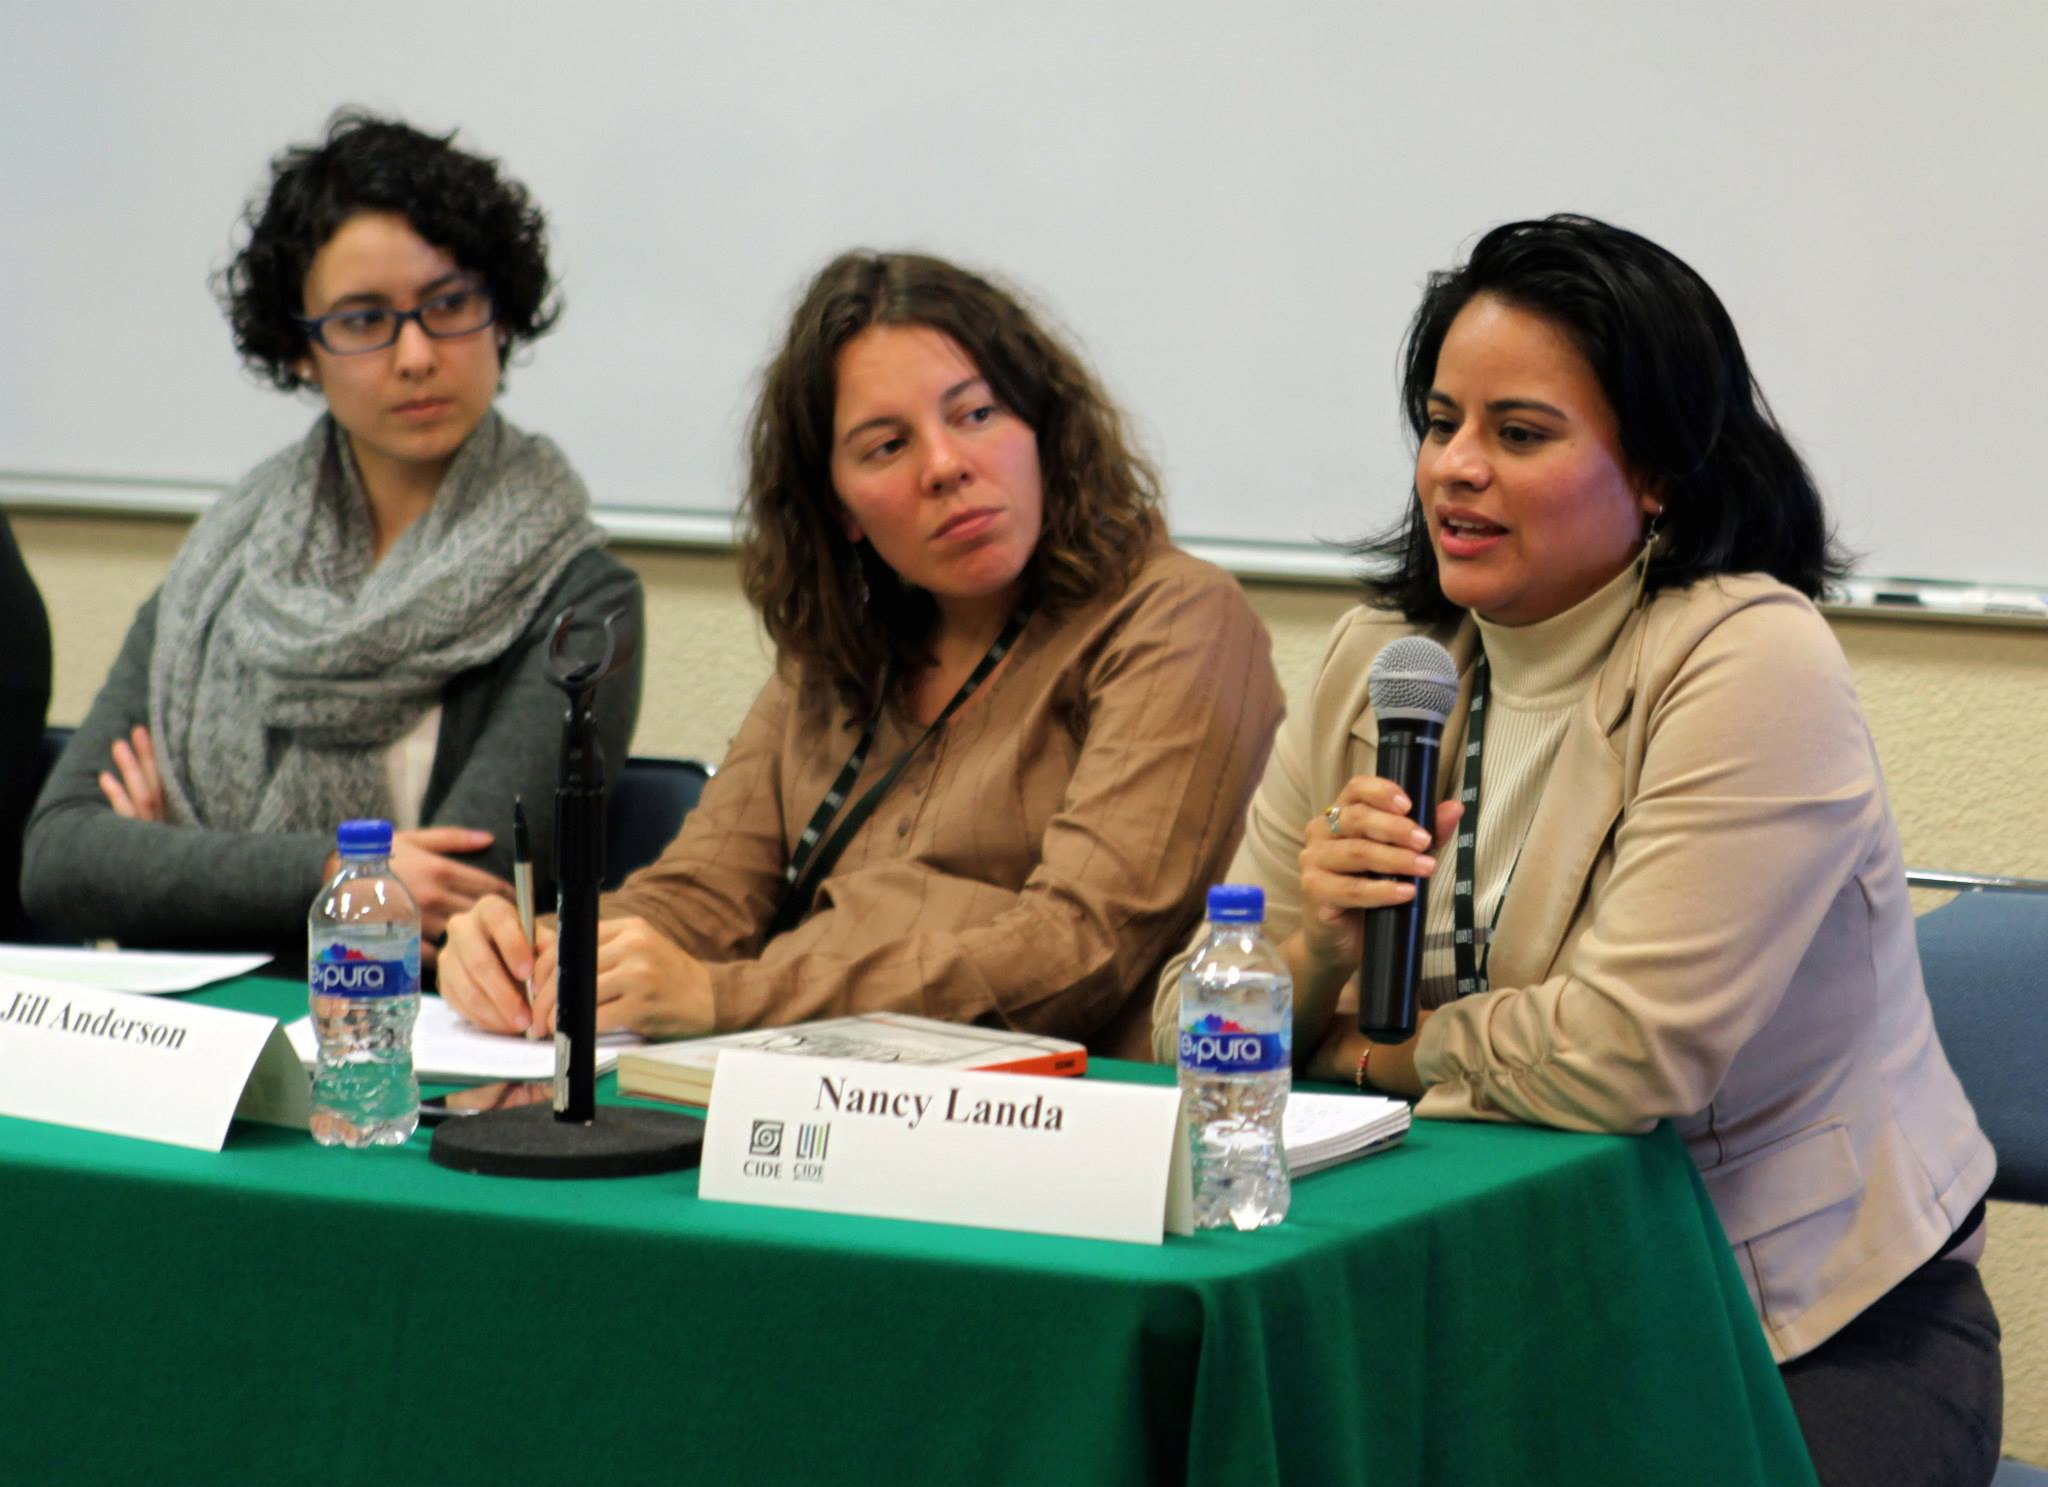 Nancy Landa in Mexico City. Photo courtesy Nancy Landa.